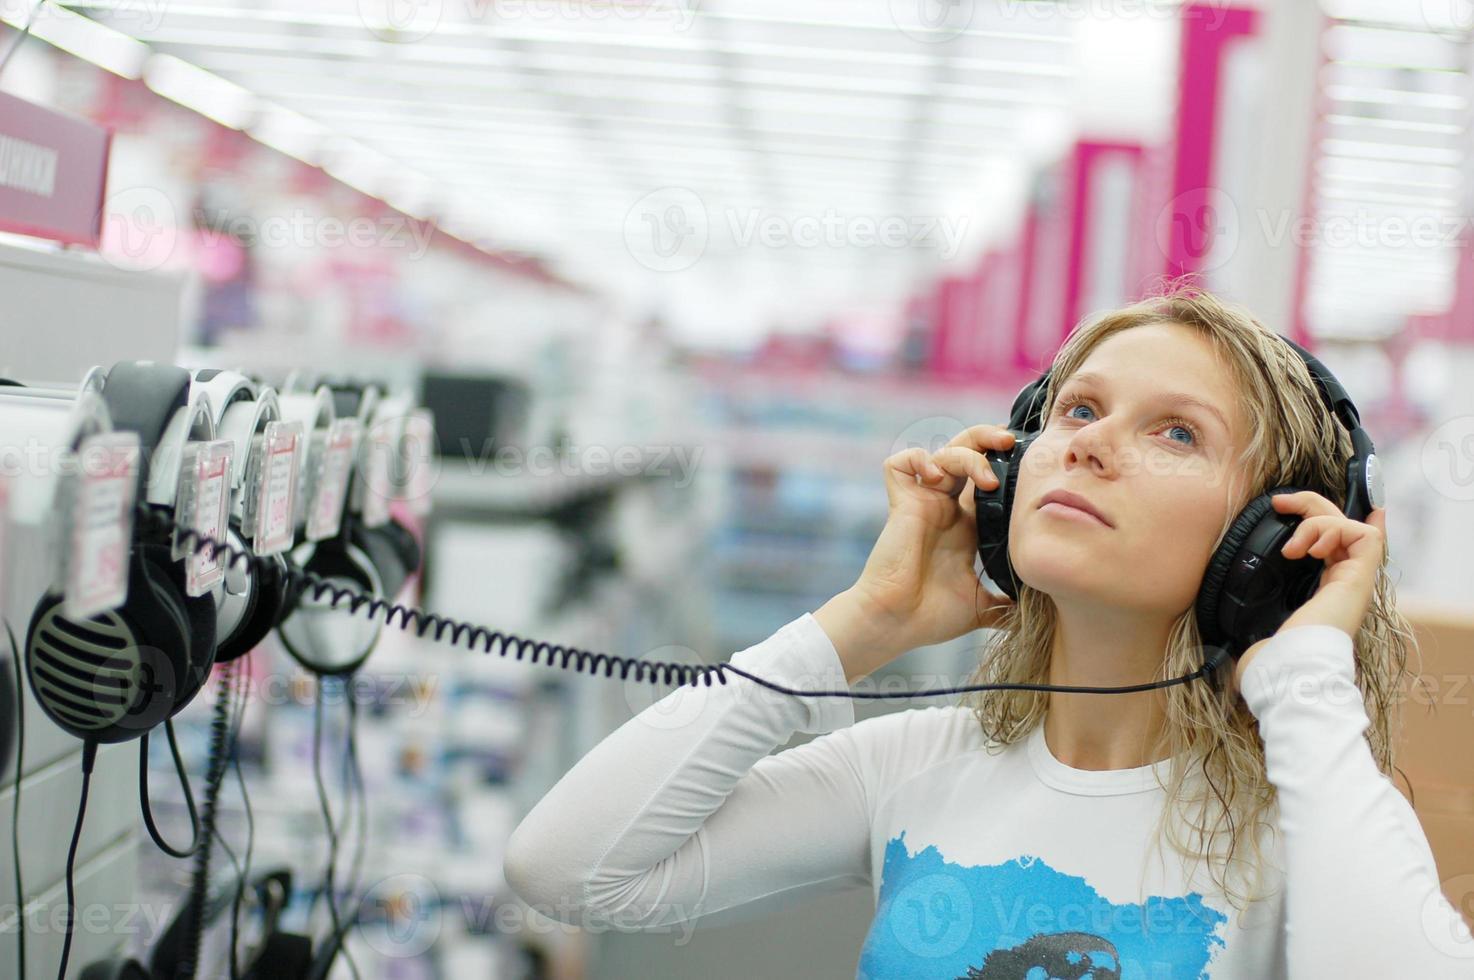 jovem ouvindo música agradável em uma loja foto